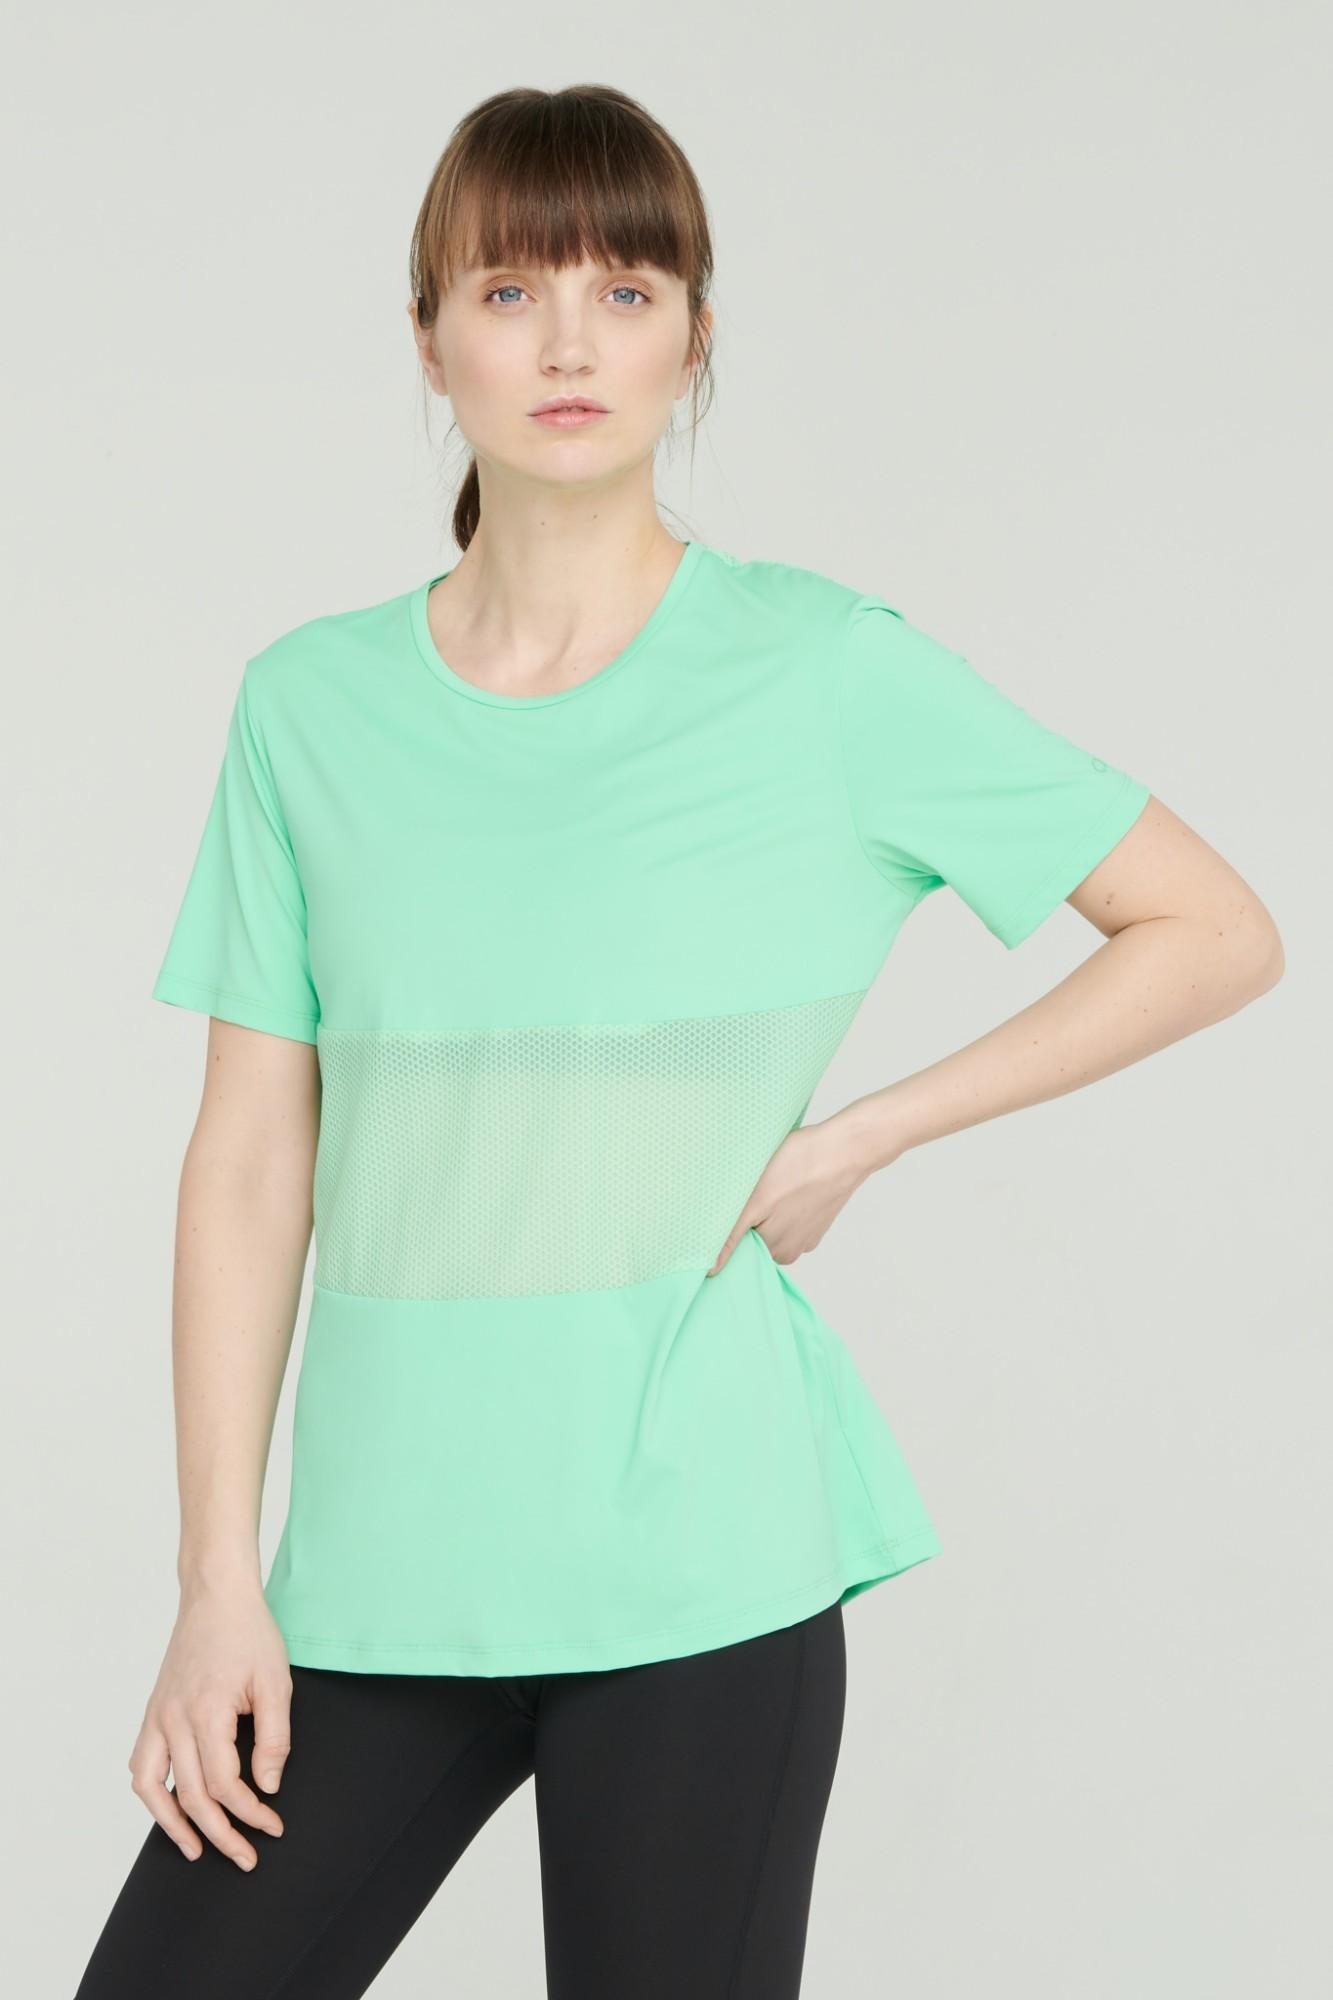 AUDIMAS Funkcionalūs marškinėliai 2111-072 Spring Bud S